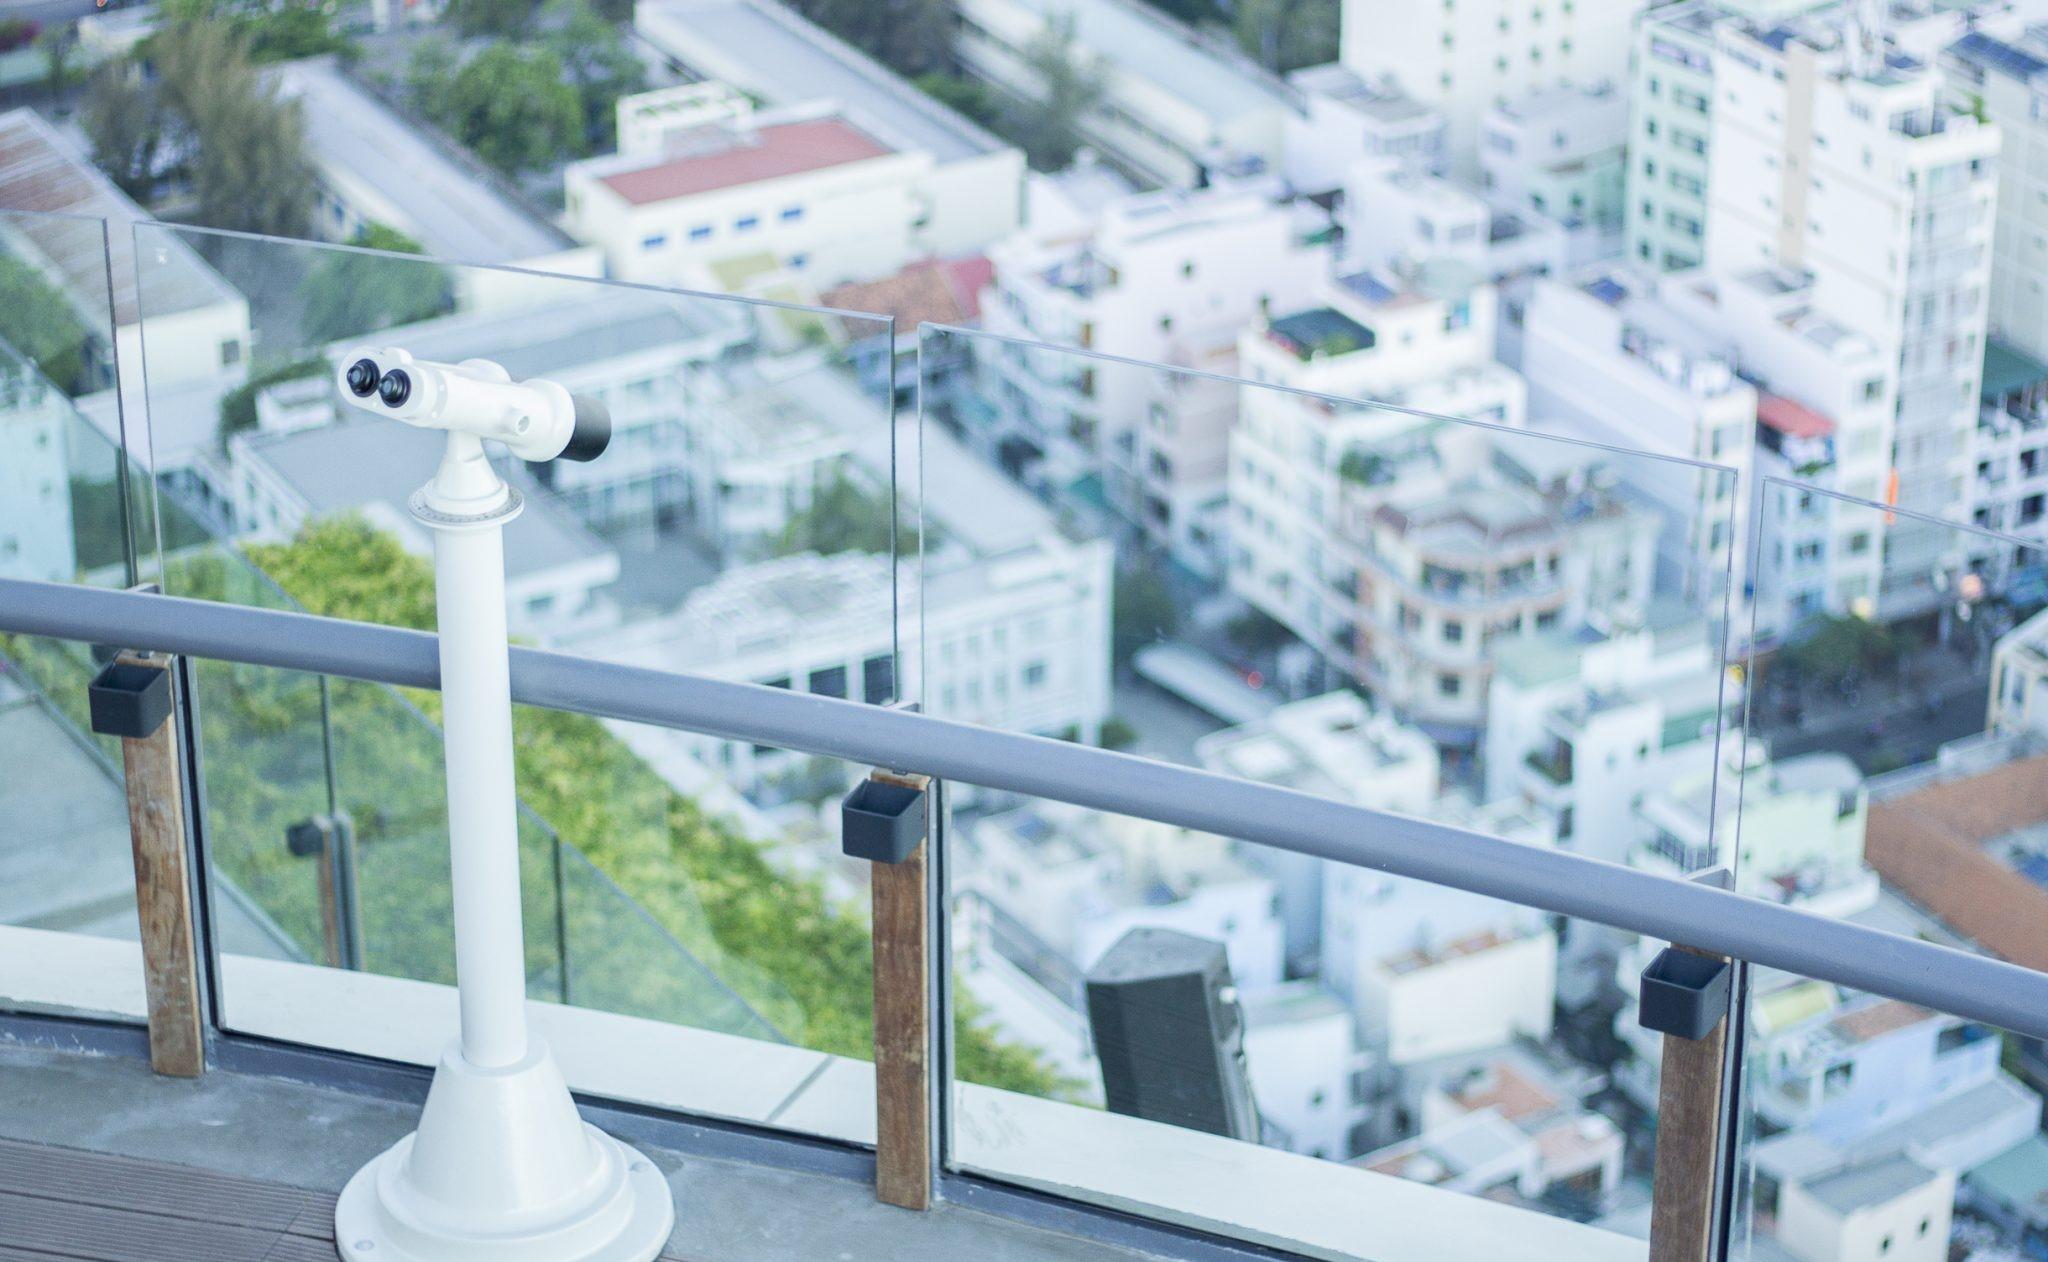 """Chiếc ống nhòm hiện đại nhập khẩu từ Mỹ được nhiều du khách đánh giá cao về độ """"nhòm xa trông rộng"""""""